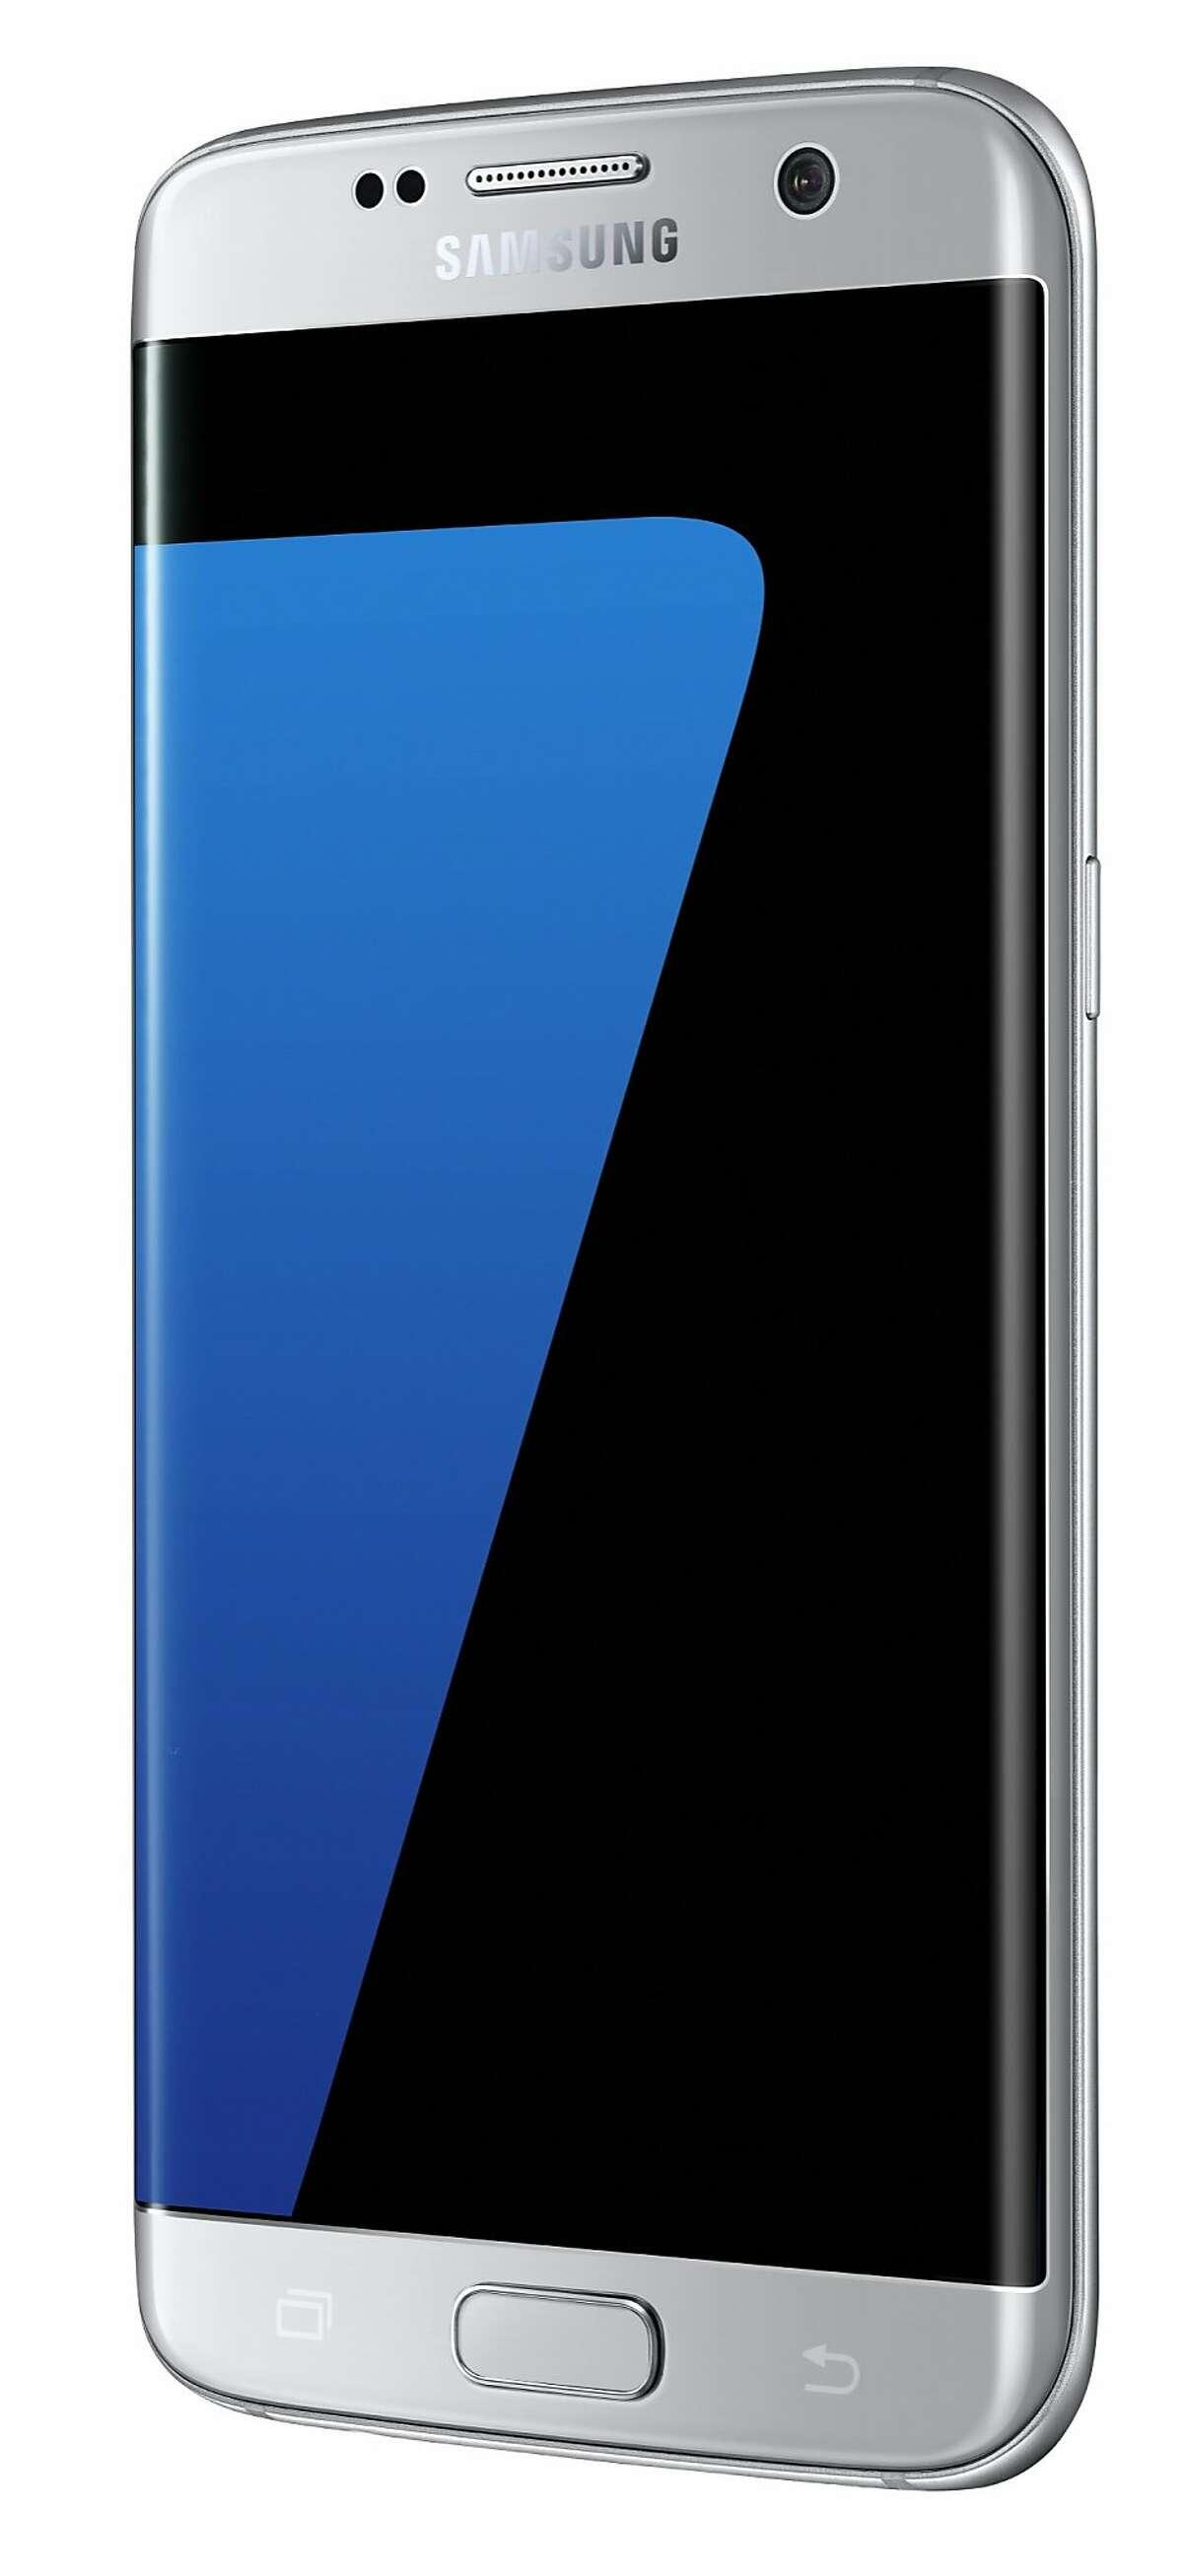 Samsung Galaxy S7 edge in Silver Titanium